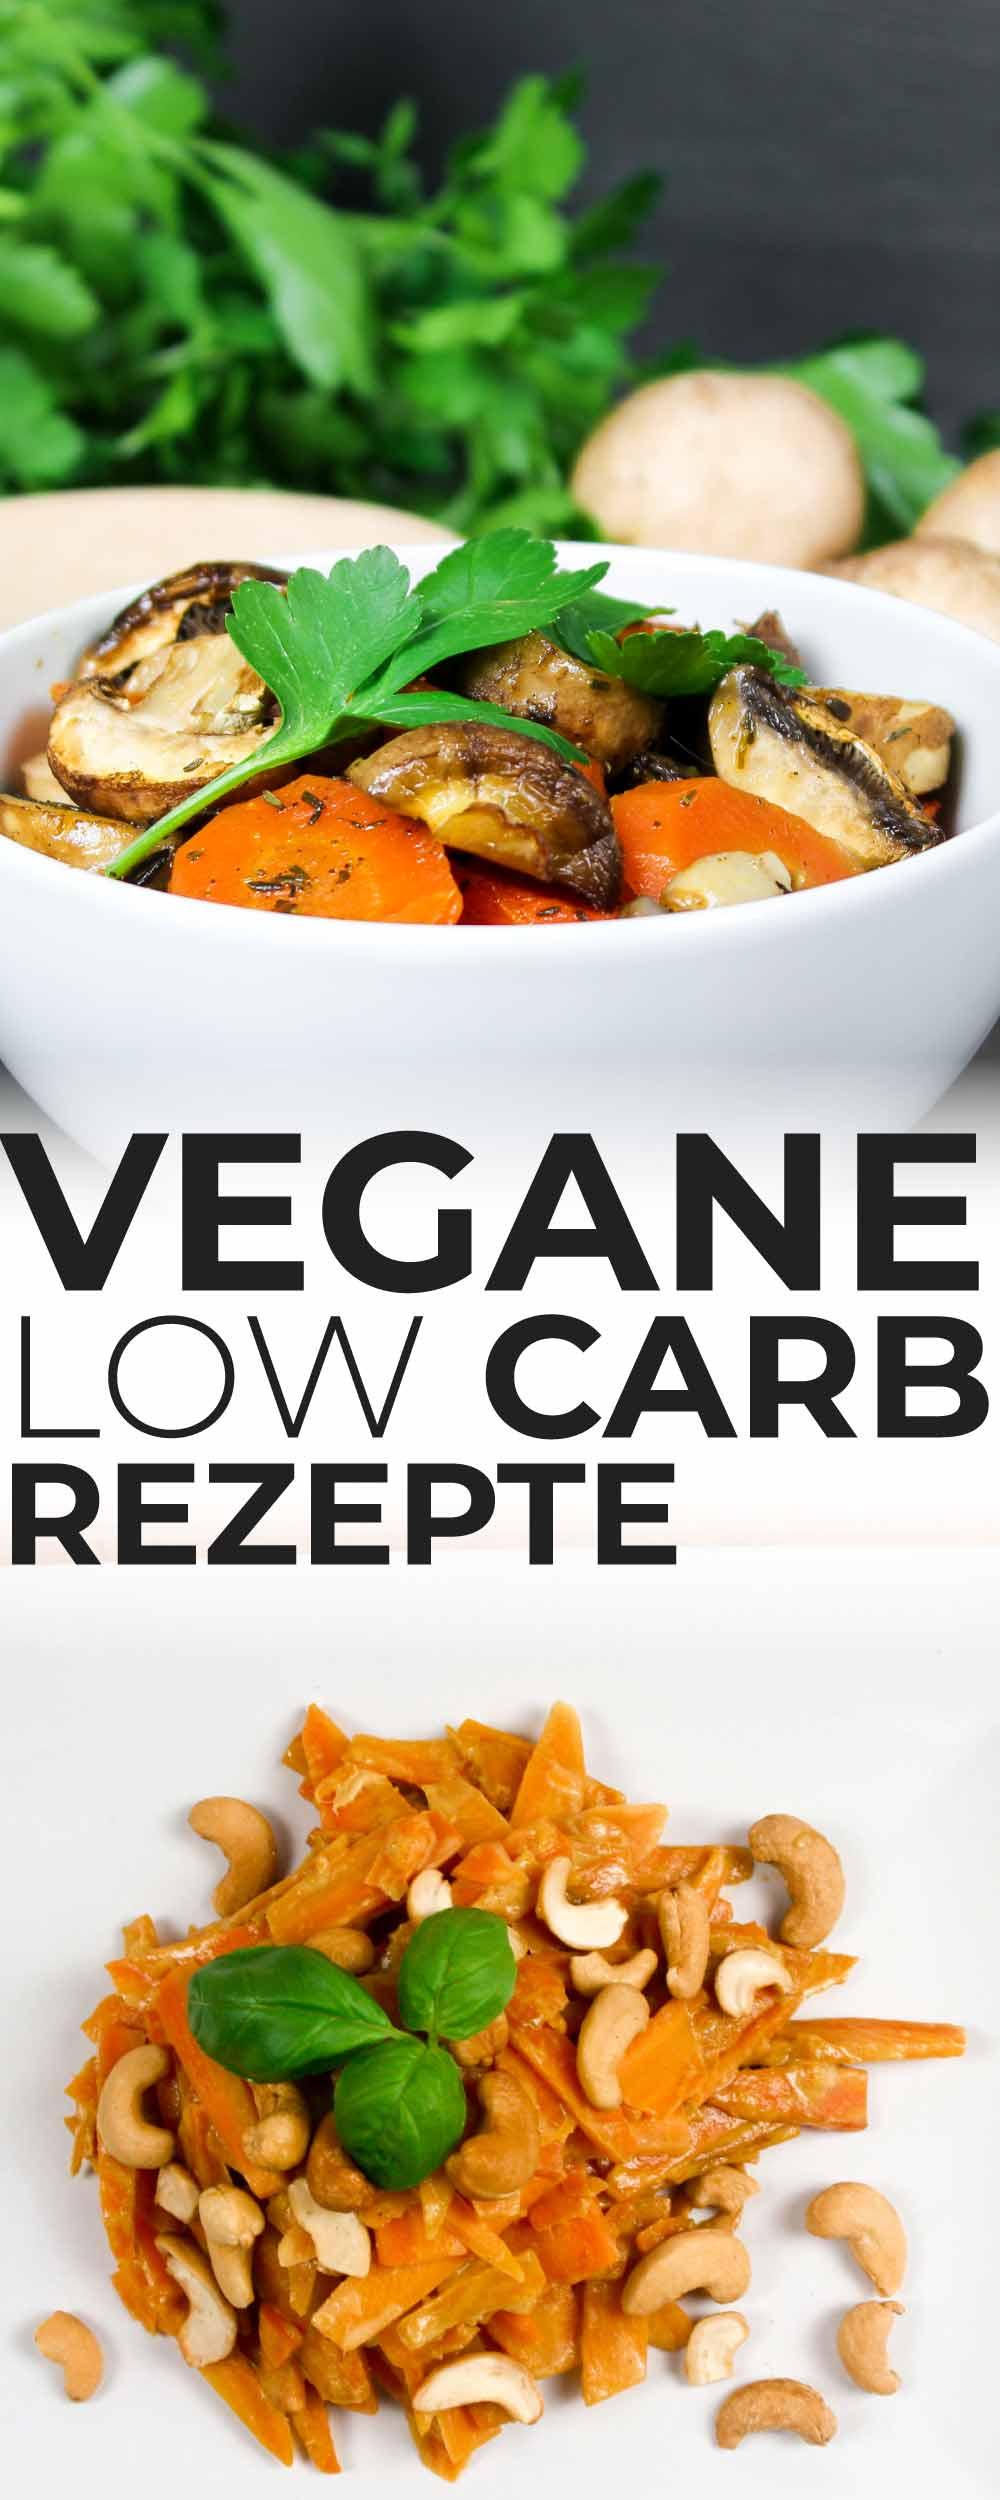 Vegane Low Carb Rezepte